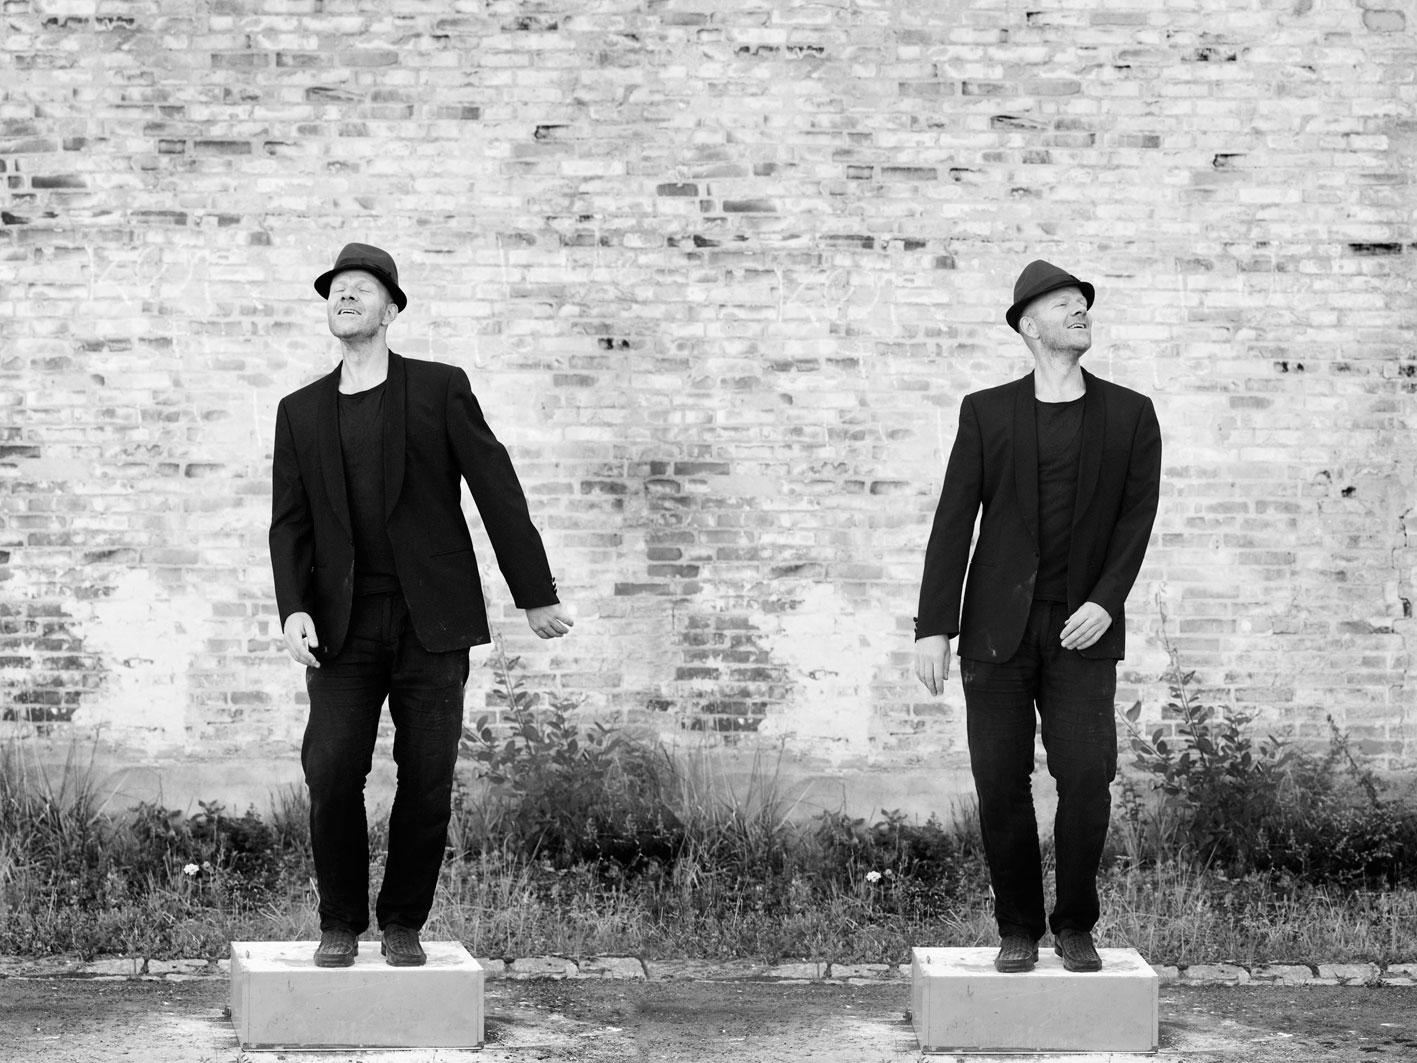 Suit, Hat & Flour Session - Photographer: Lena Paaske